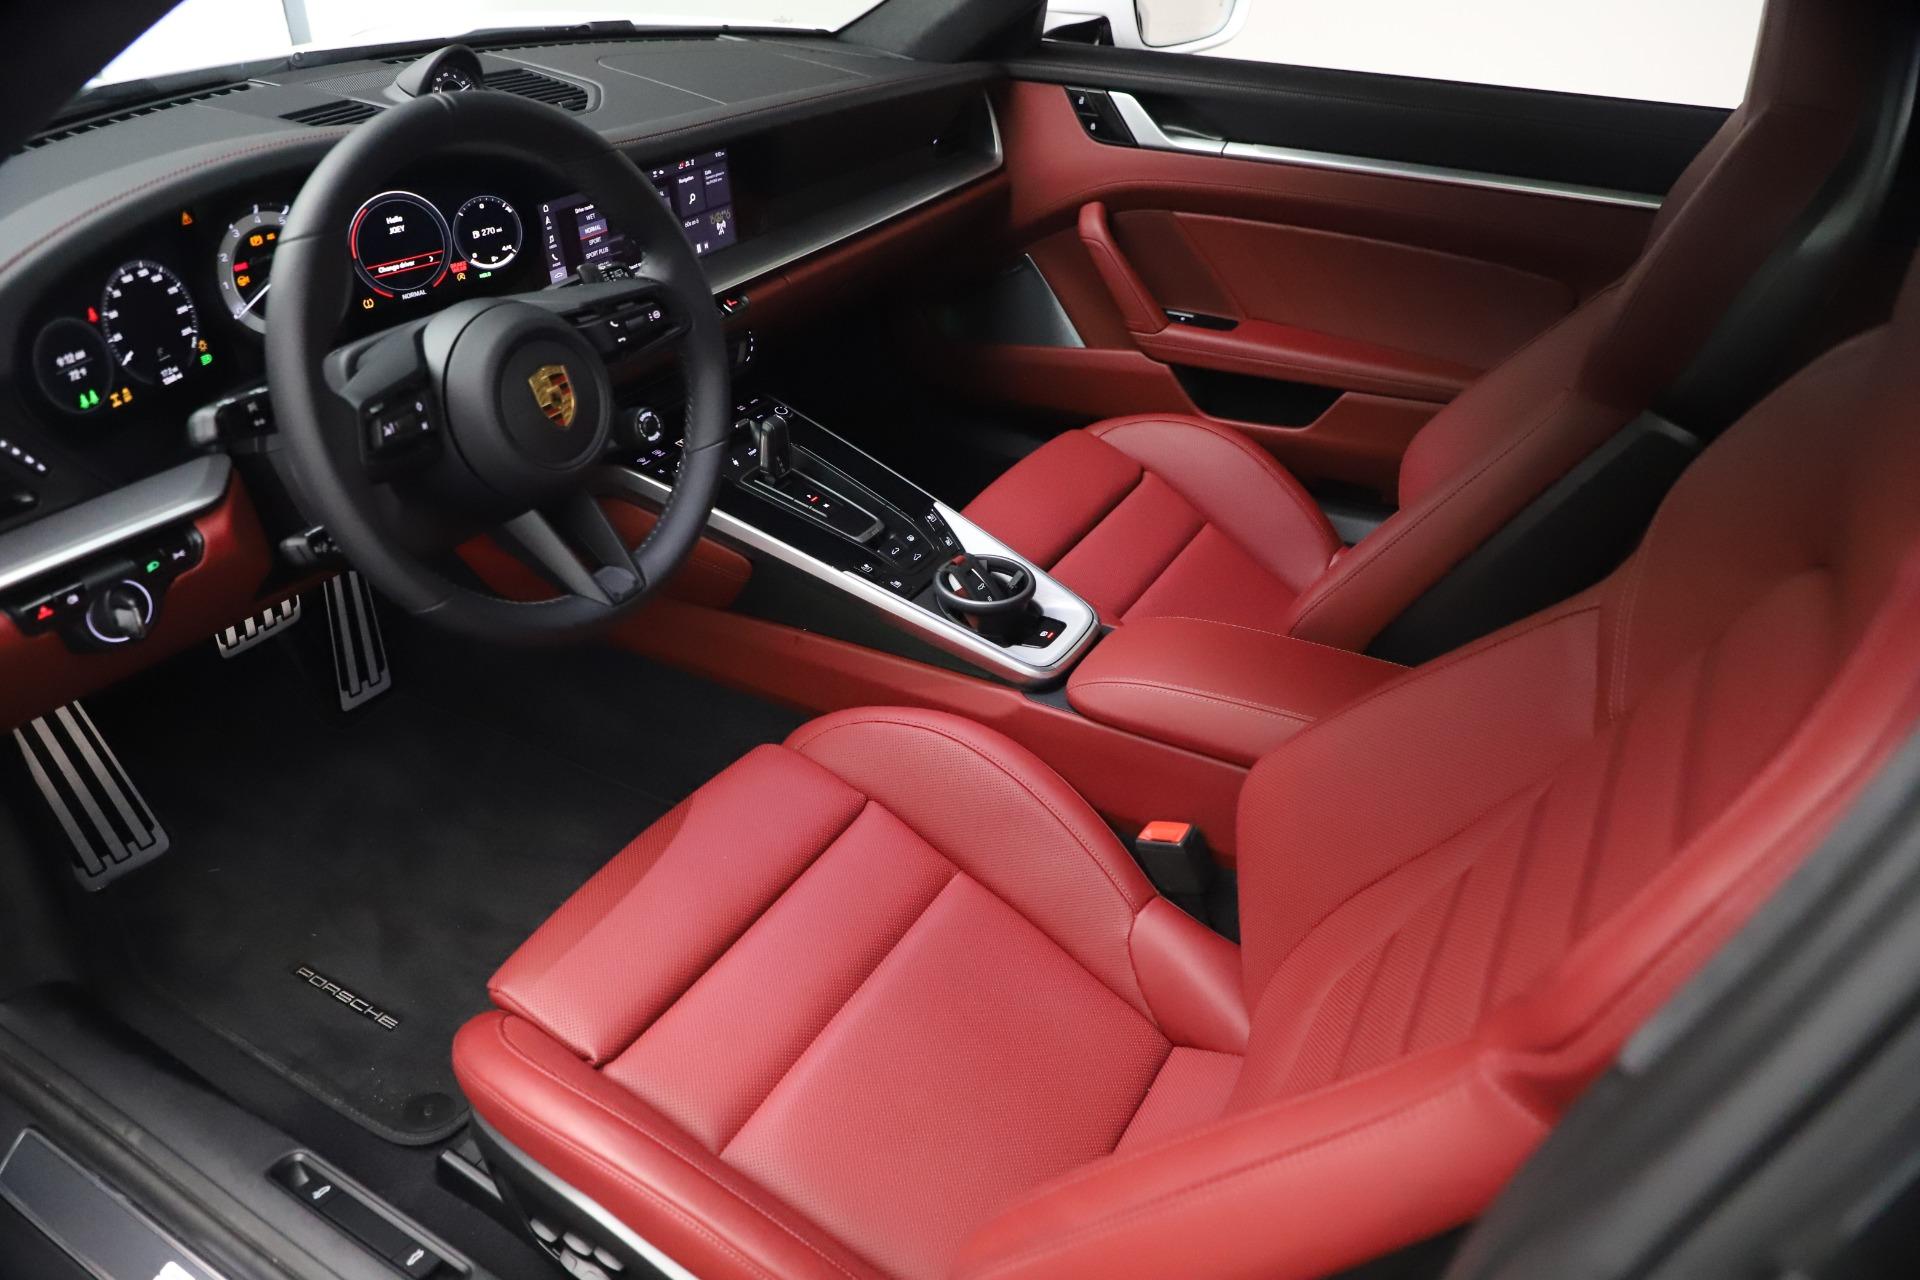 Used 2021 Porsche 911 Turbo S